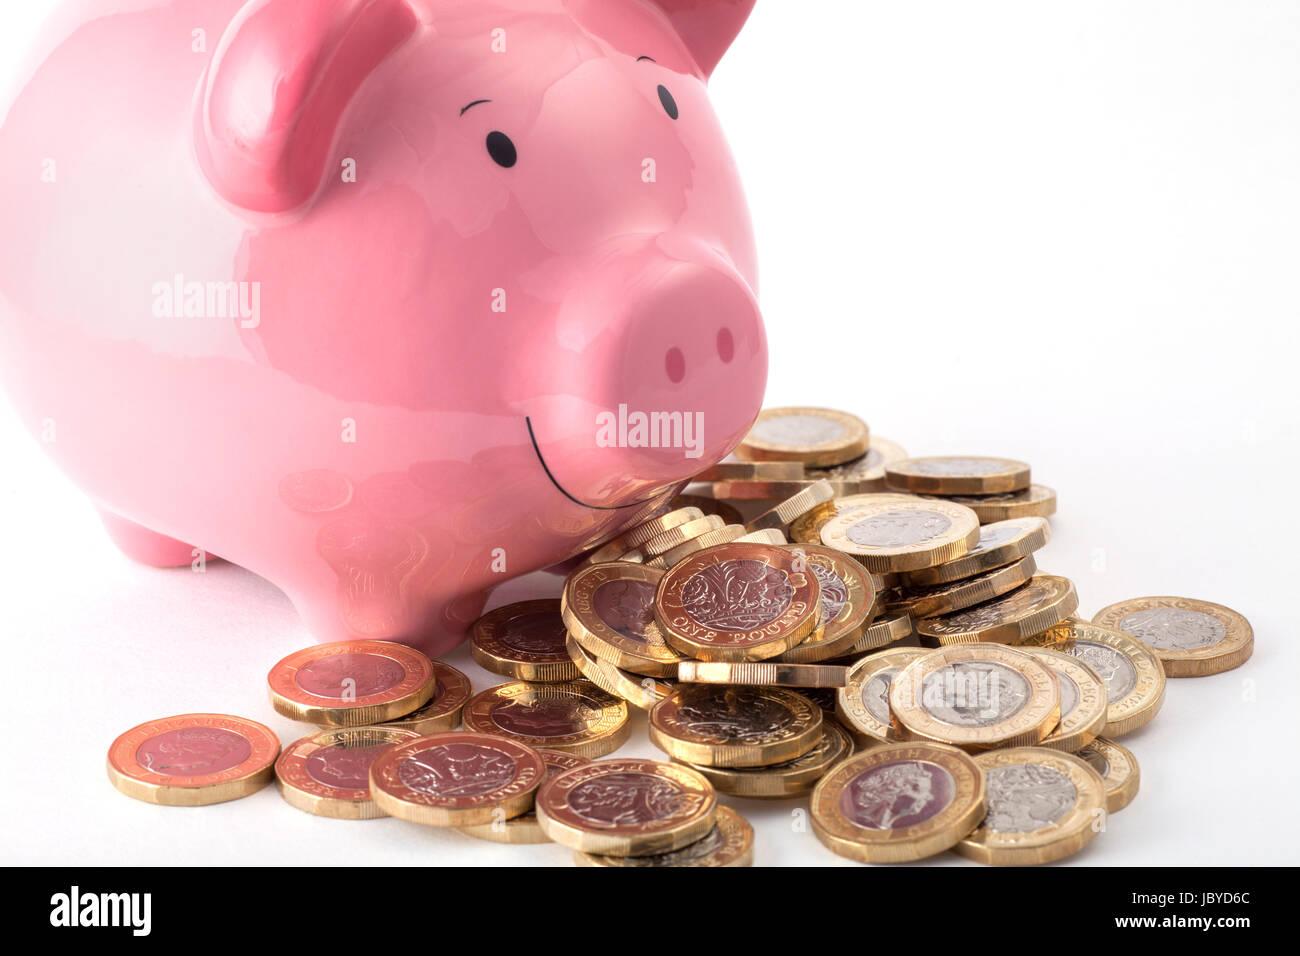 Sparschwein mit einem Haufen neuer Pfund-Münzen Stockbild